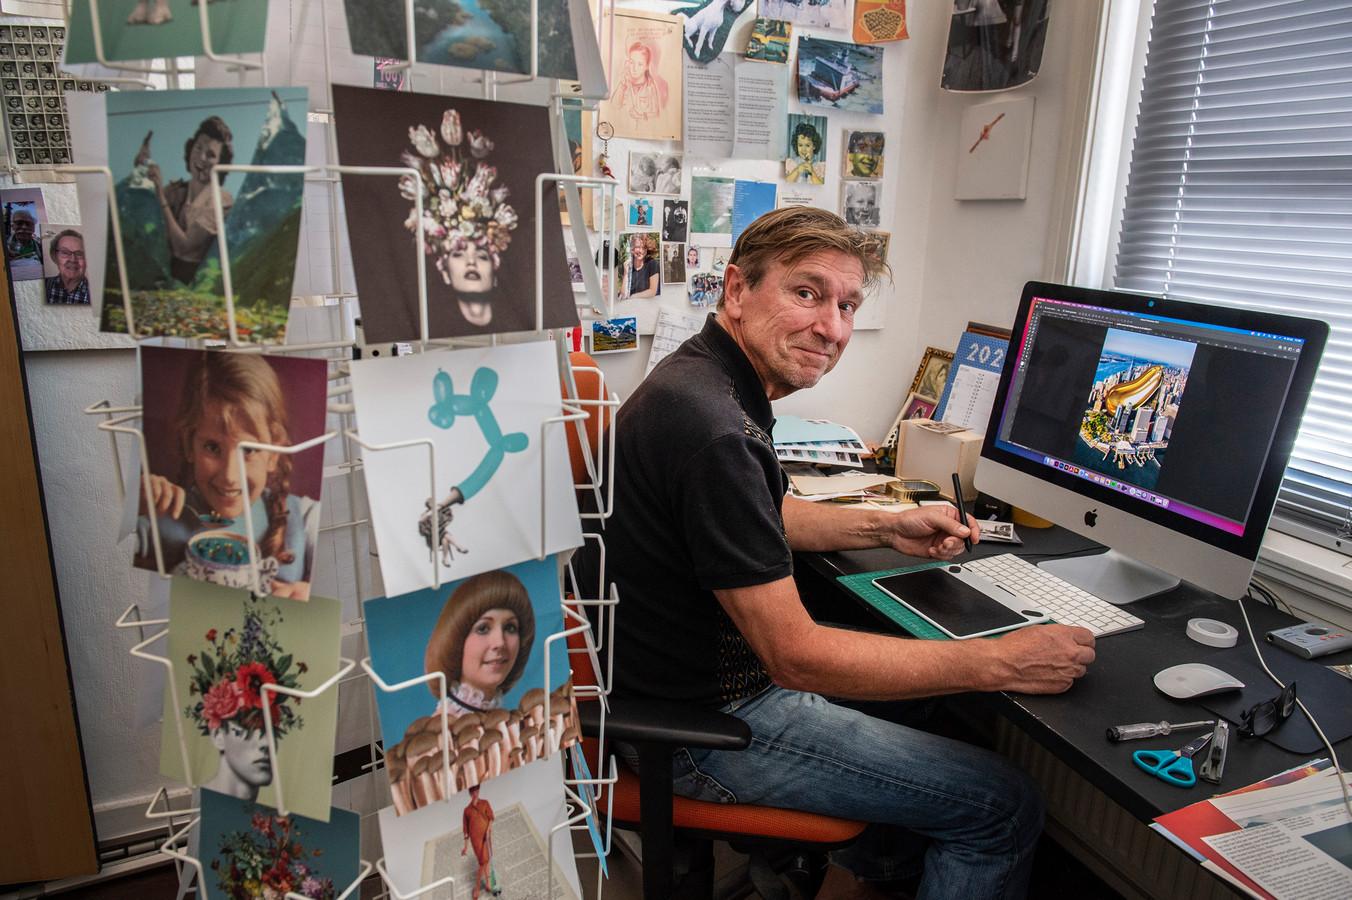 Toon Joosen toont in zijn werkruimte op de computer de afbeelding die hij  maakte bij een artikel over  het 'Golden Penis Syndrome' in de Amerikaanse Cosmopolitan